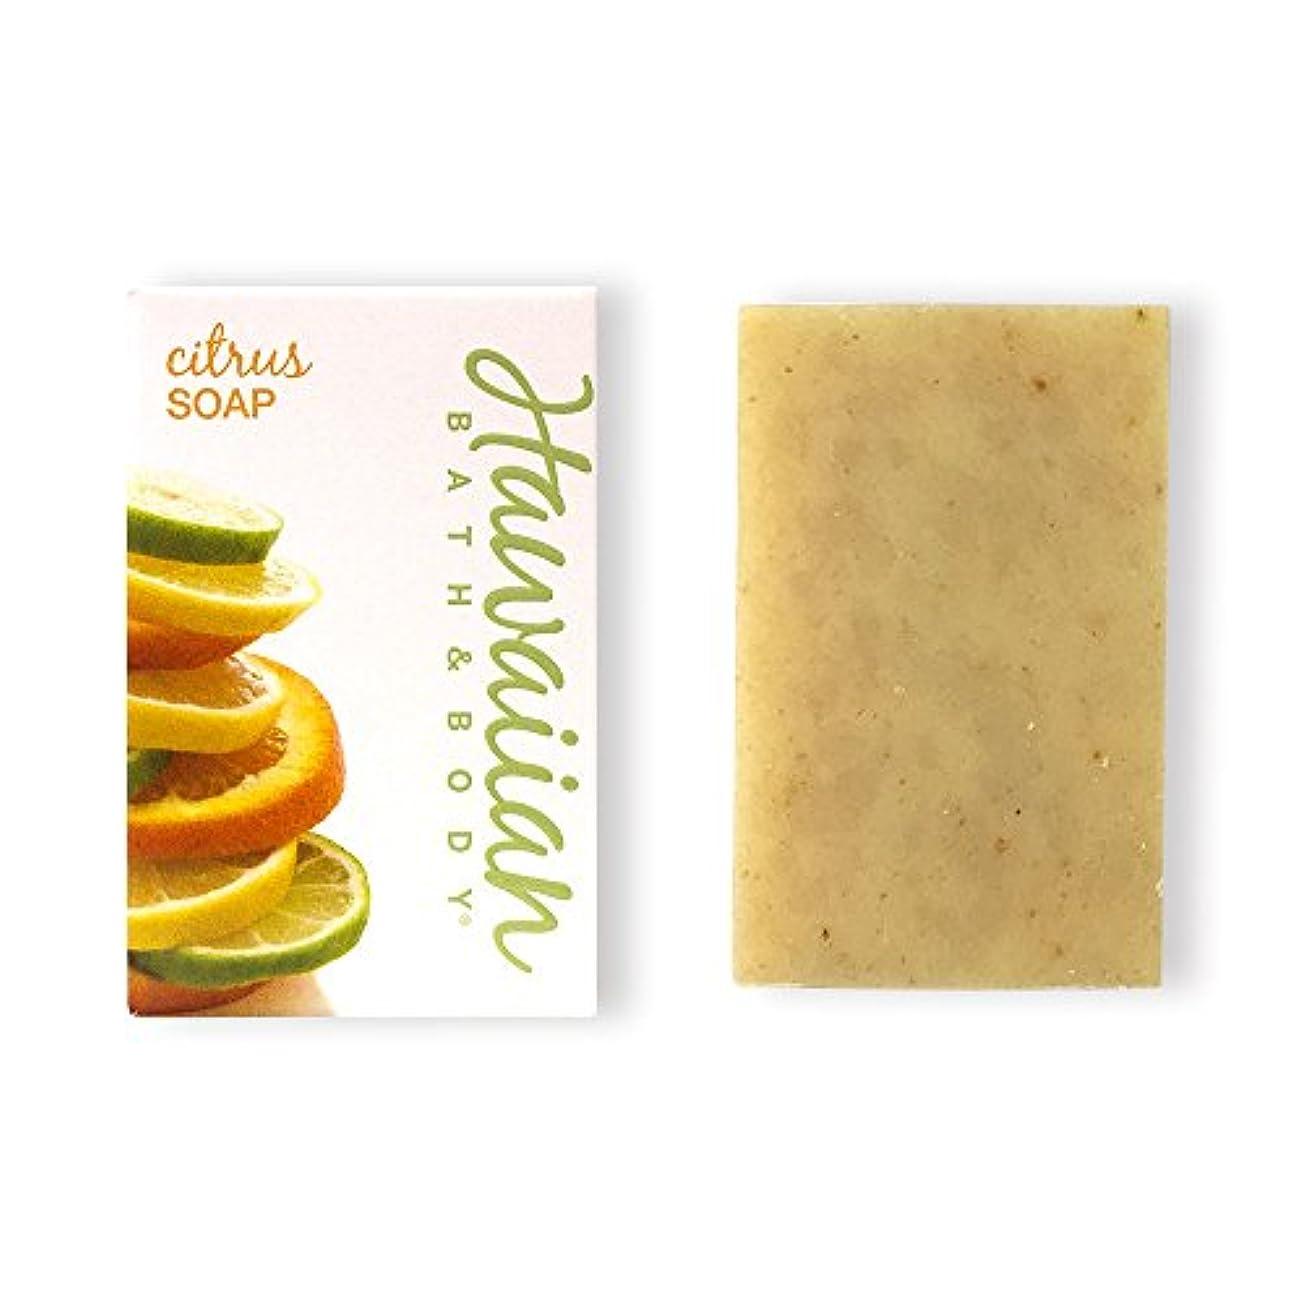 ストローク宣言マイクロフォンハワイアンバス&ボディ ハワイアン?シトラスソープ( Citrus Soap )